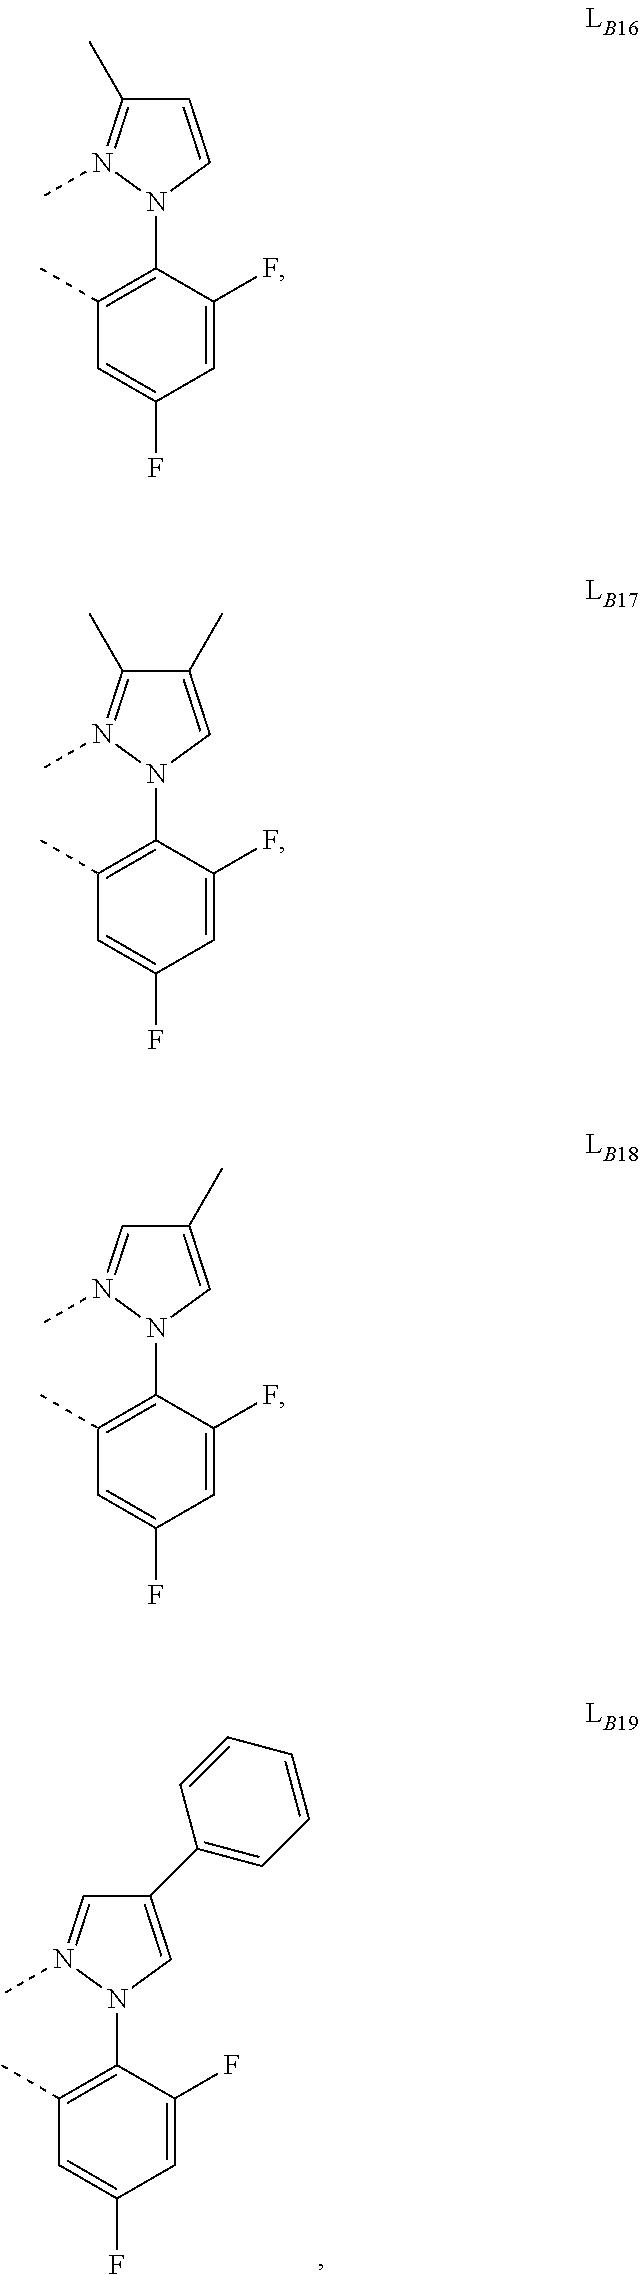 Figure US09905785-20180227-C00560